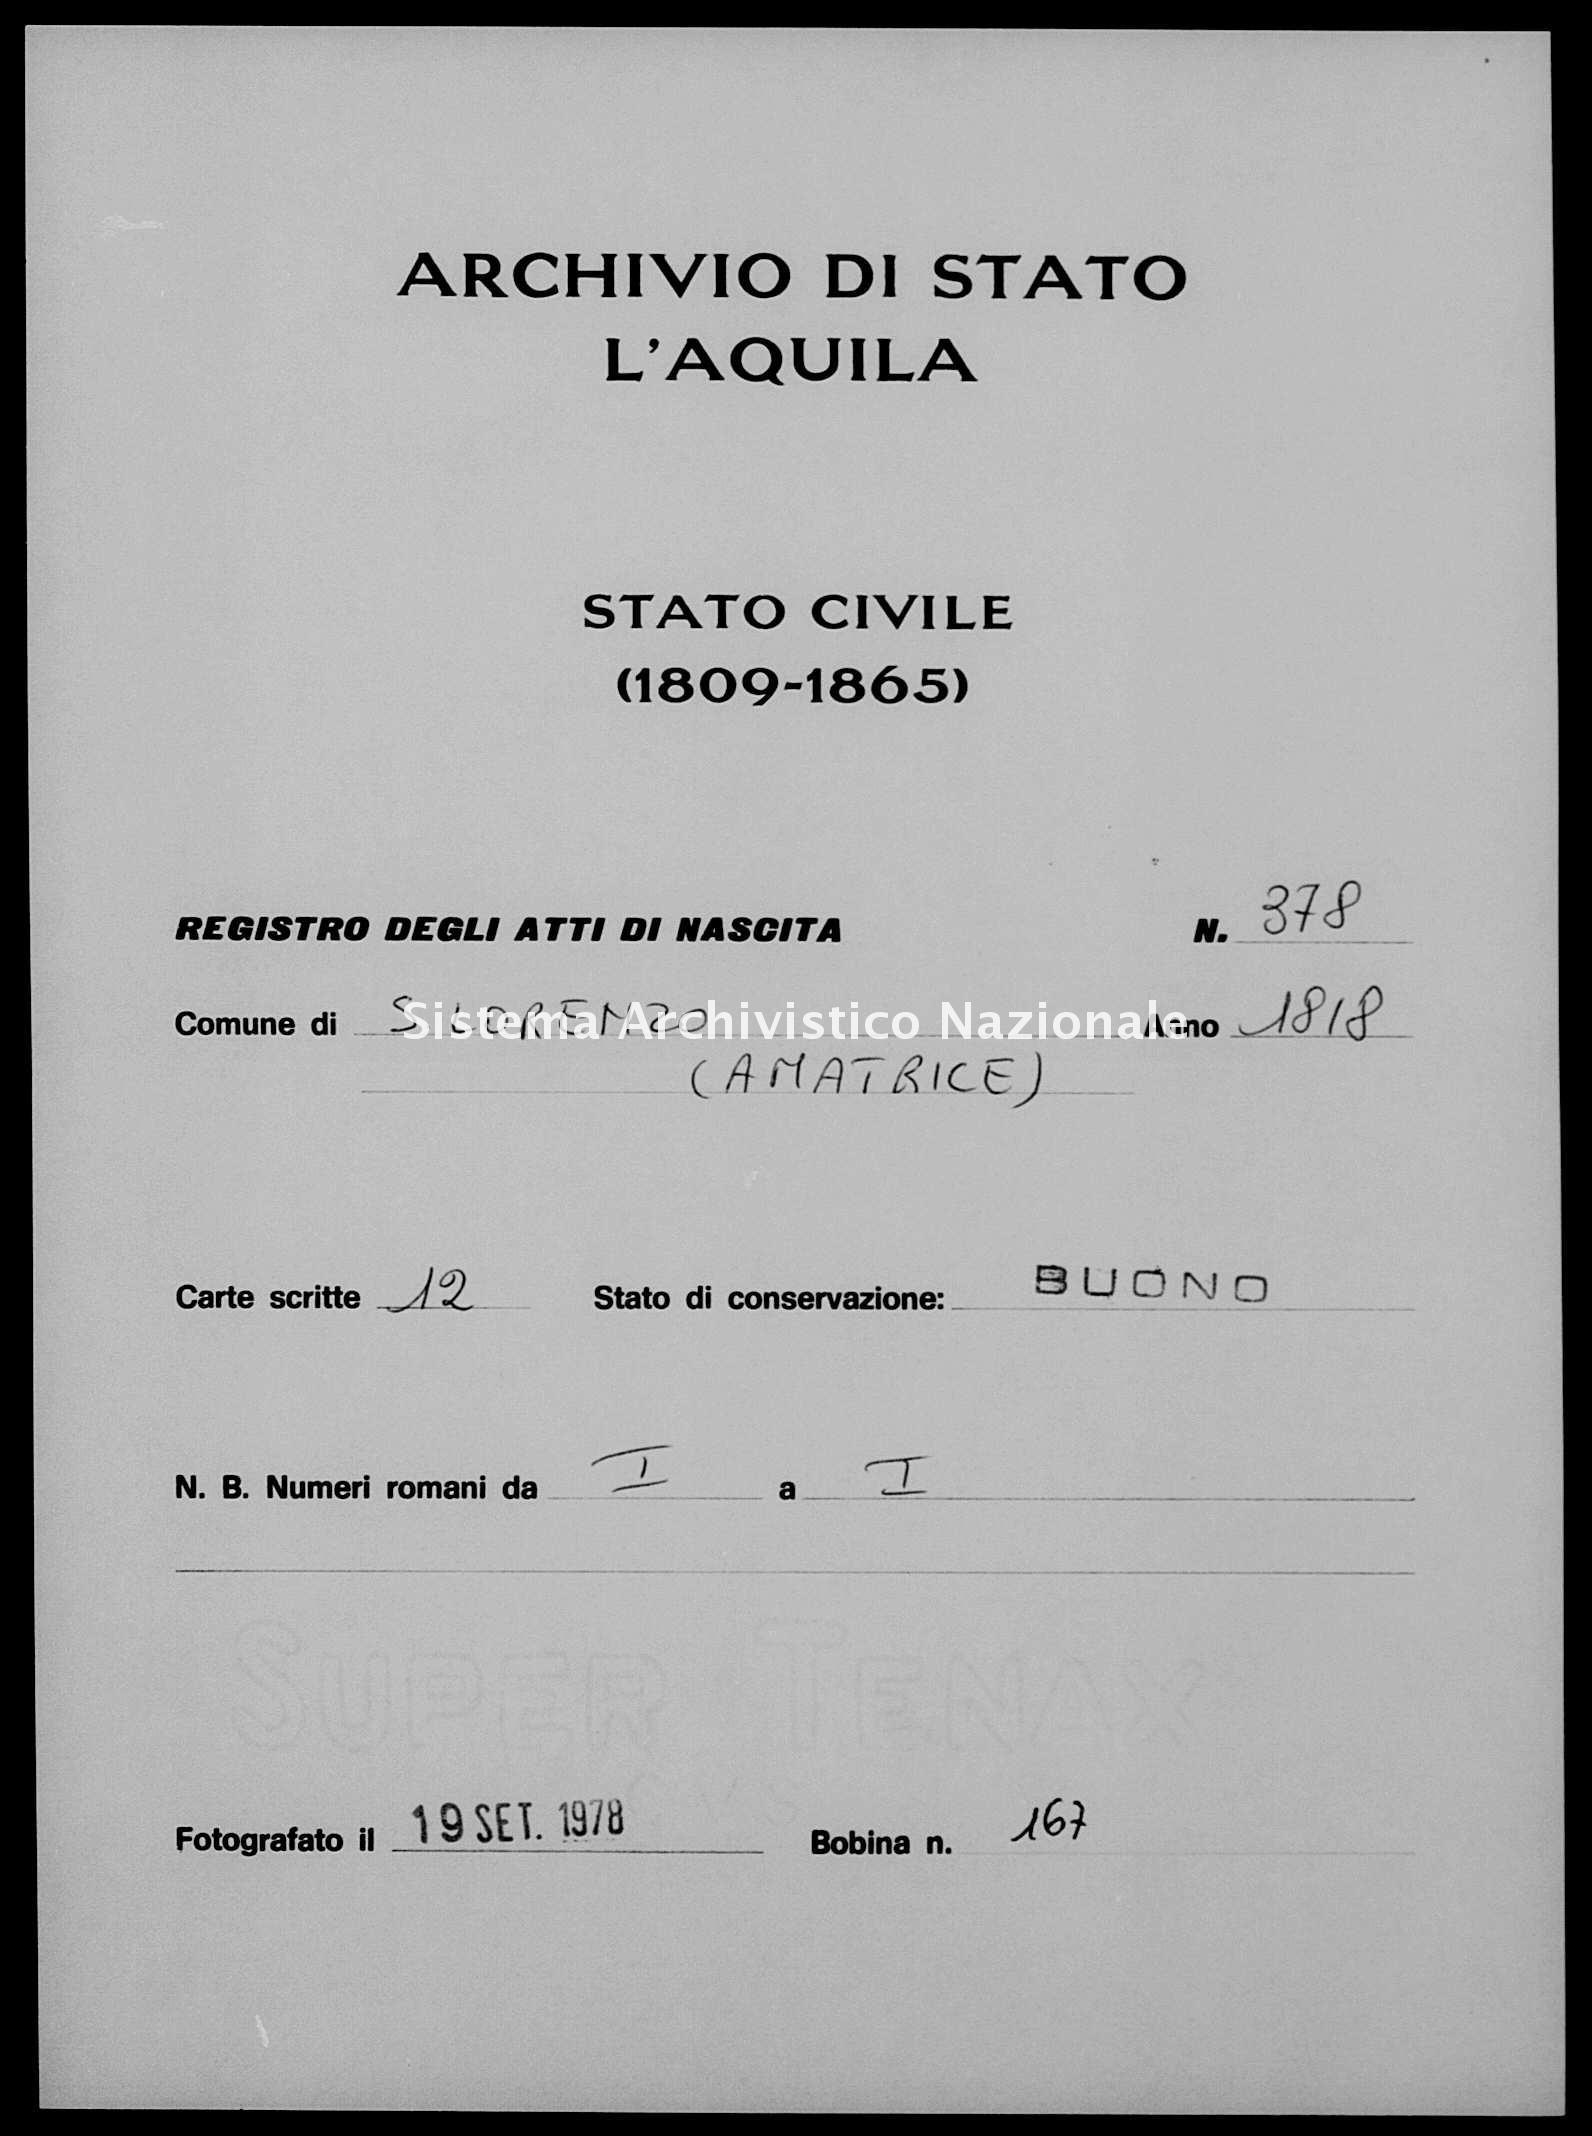 Archivio di stato di L'aquila - Stato civile della restaurazione - San Lorenzo - Nati - 1818 - 378 -